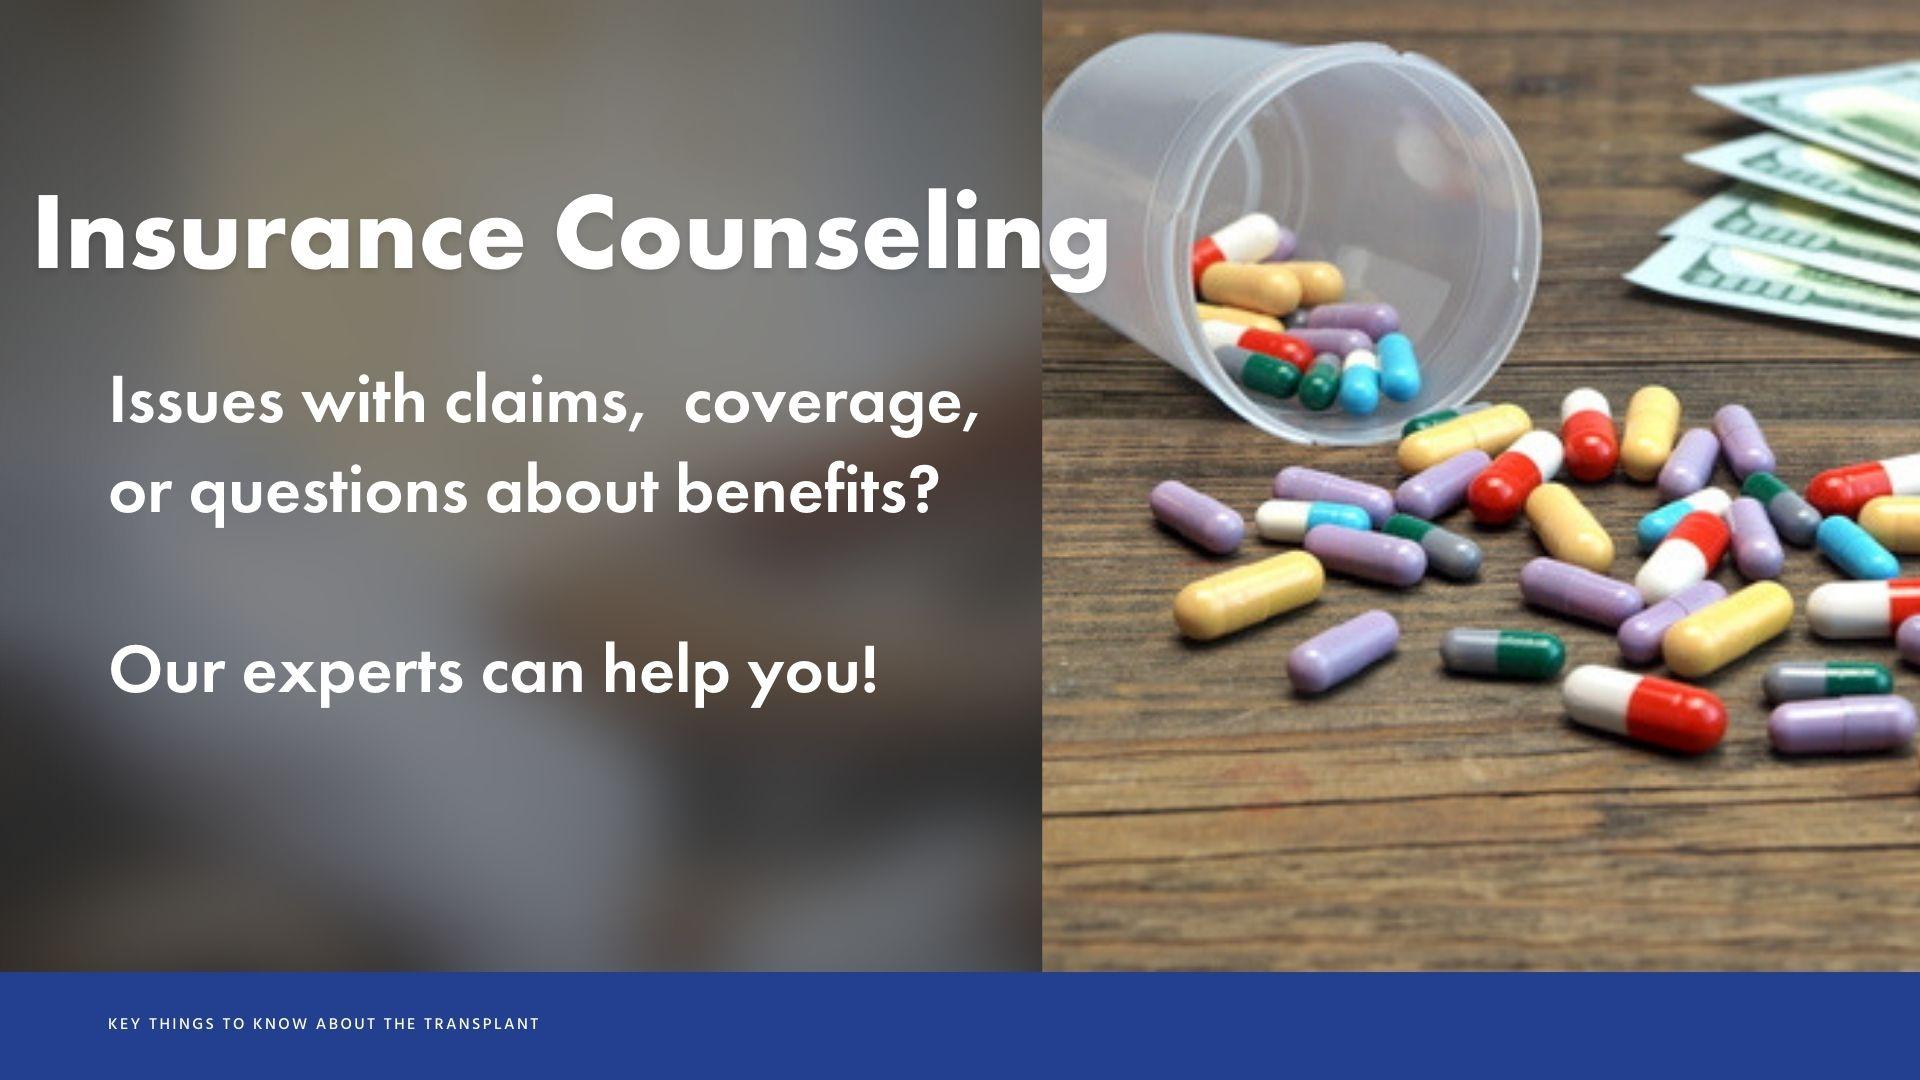 insurance counseling